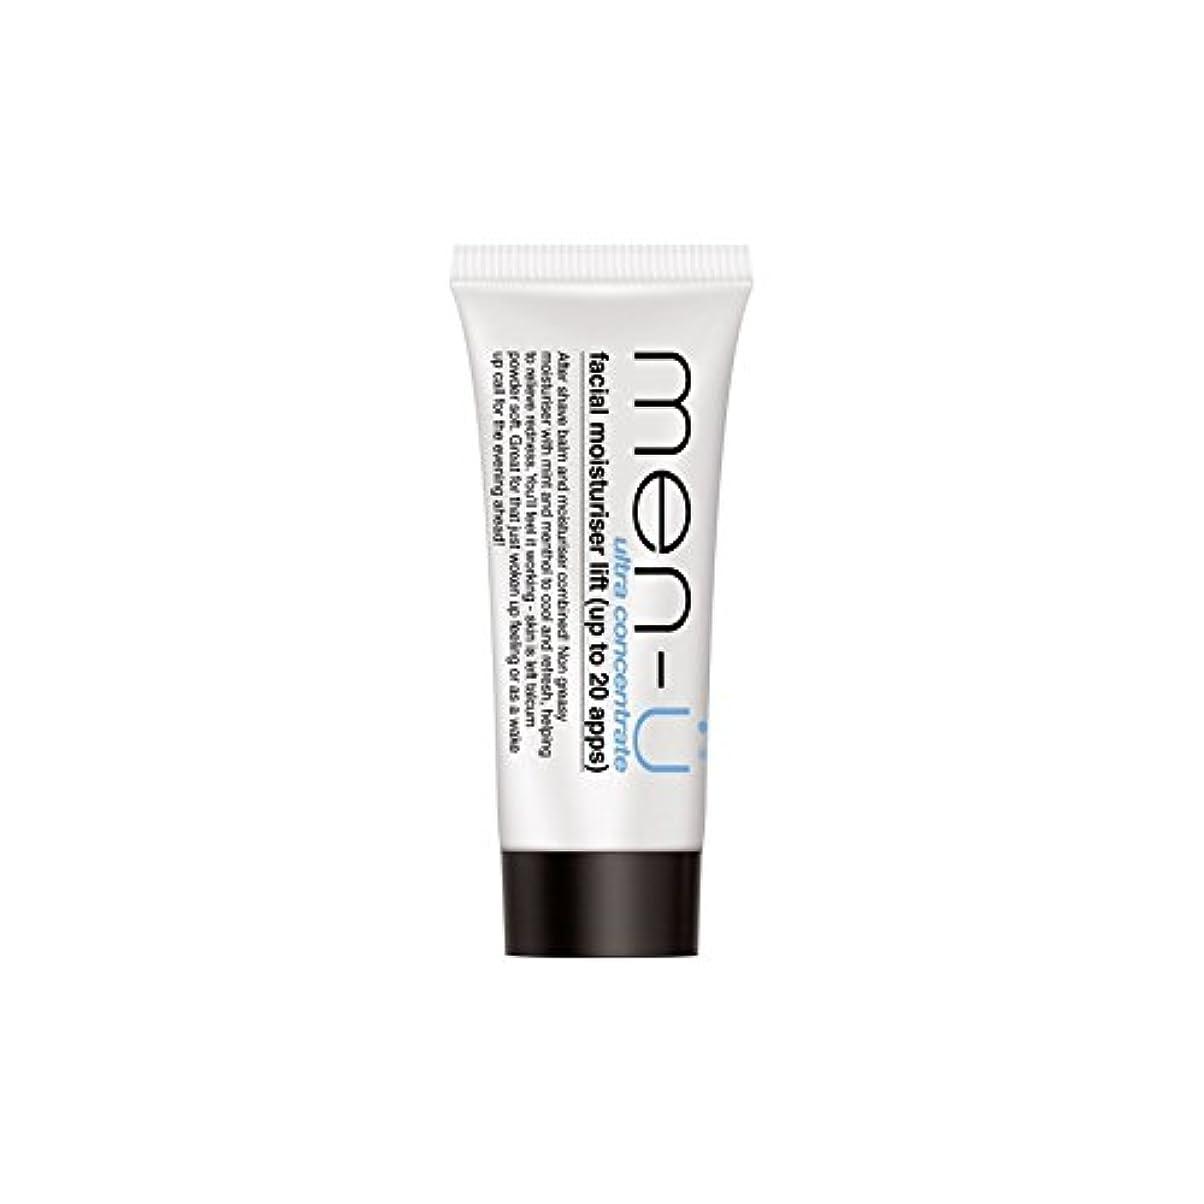 やさしく病弱メジャーMen-? Buddy Facial Moisturiser Lift Tube (15ml) - 男性-のバディ顔の保湿剤のリフトチューブ(15ミリリットル) [並行輸入品]